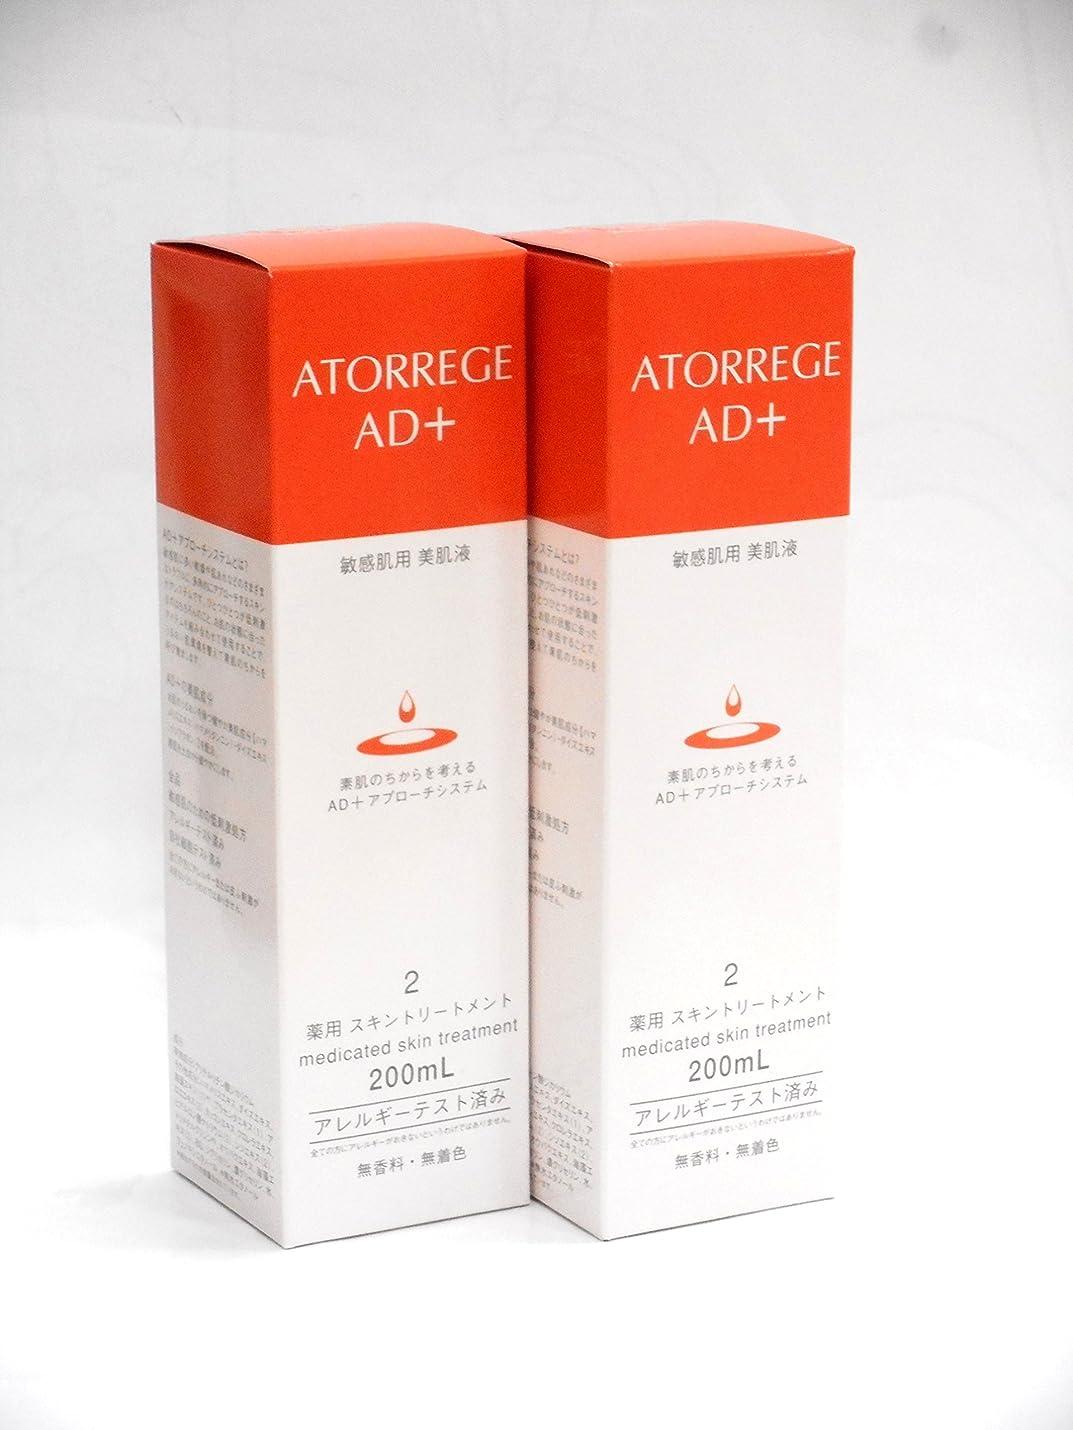 年齢すり資格情報2個セット まとめ買い アトレージュ AD+ 薬用スキントリートメント 200ml 医薬部外品